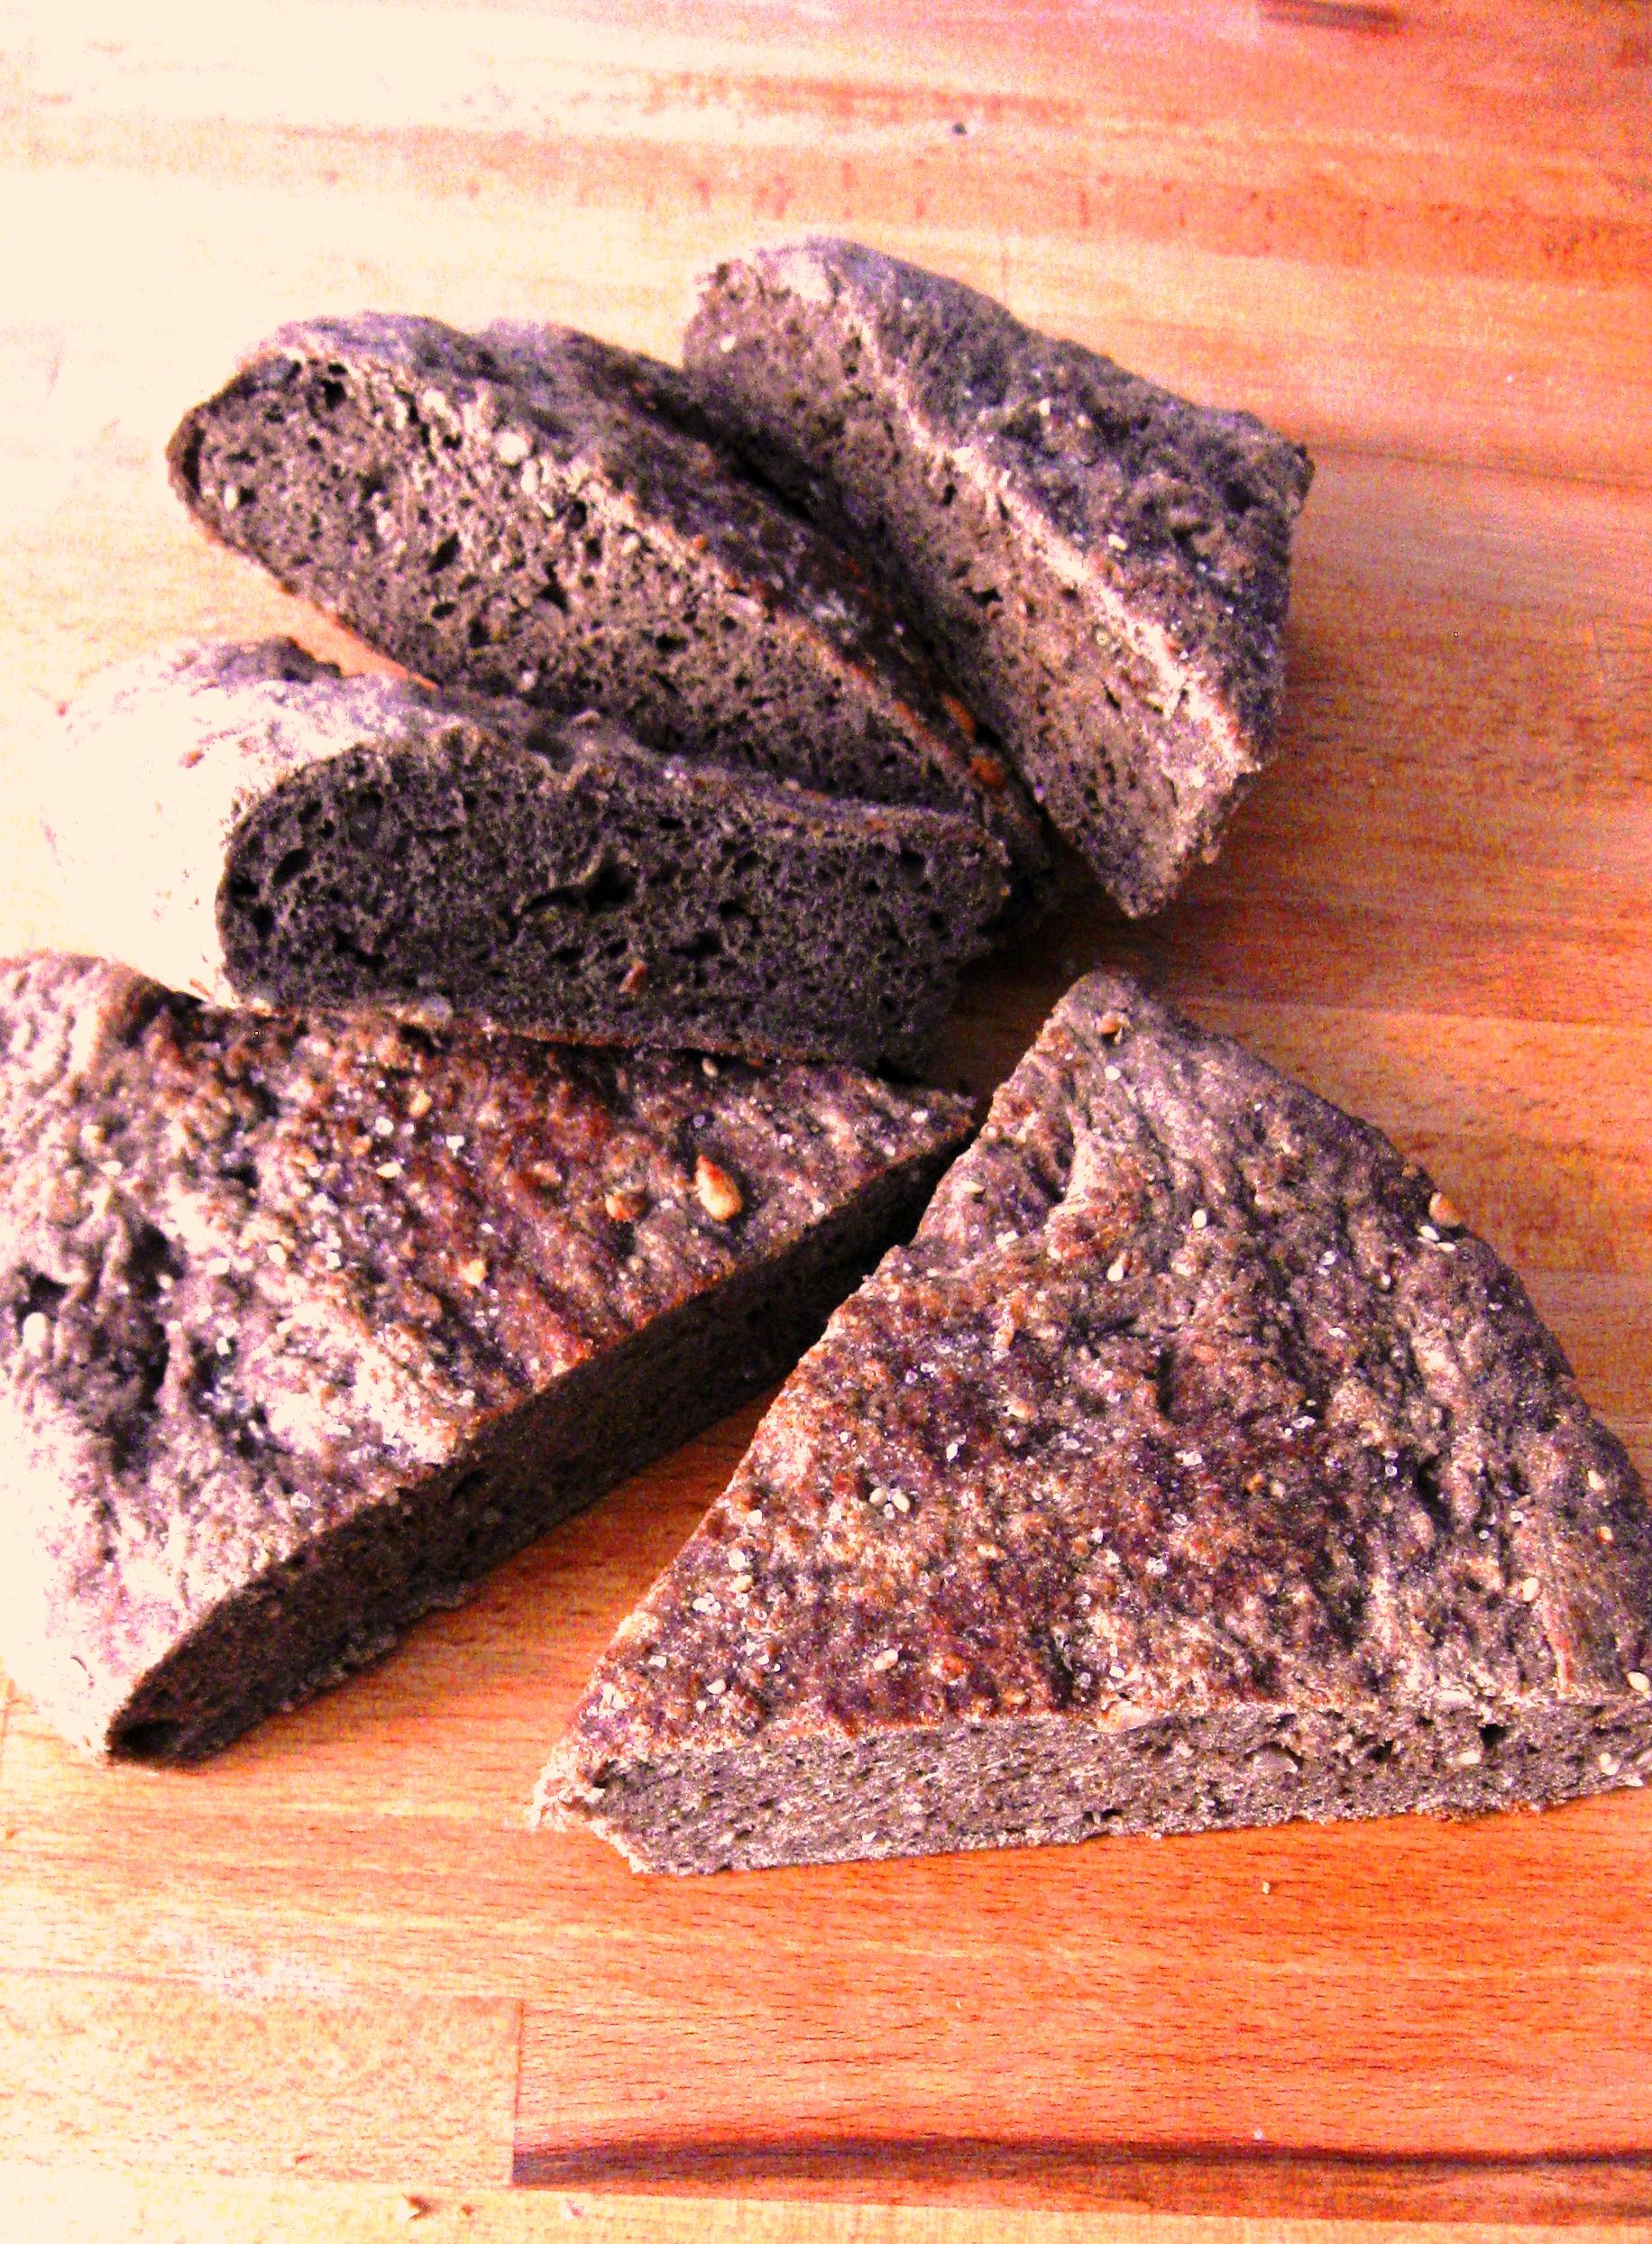 FOCACCIA NERA ai 7 cereali con farine di : segale-orzo-farro-avena-mais-riso-grano tenero 00 bio